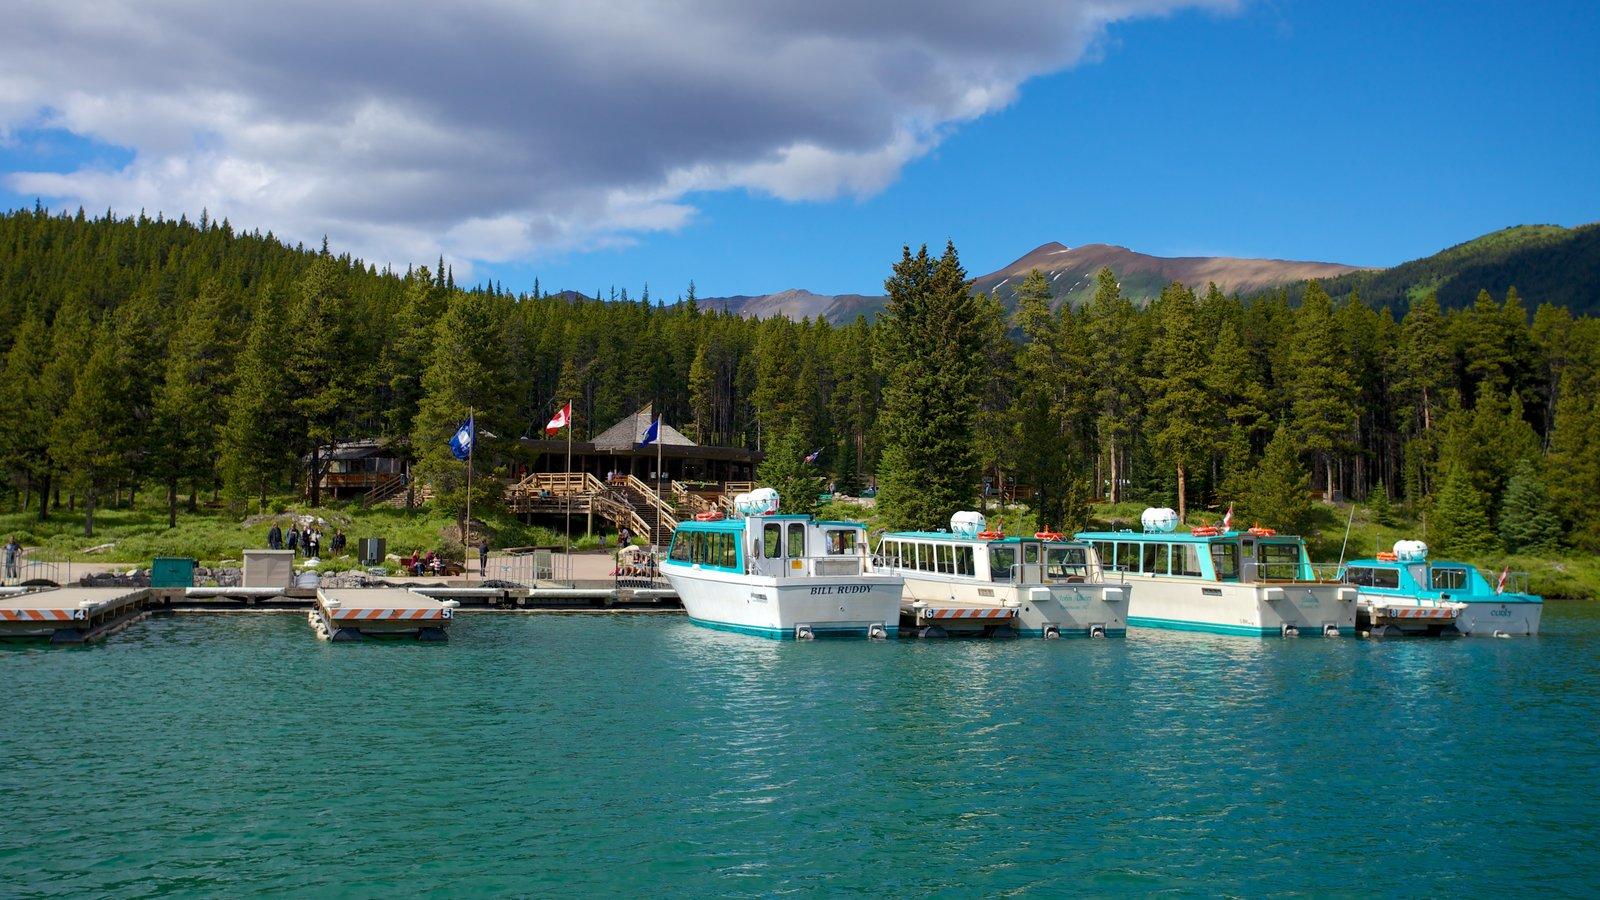 Maligne Lake que incluye paseos en lancha, bosques y un lago o abrevadero